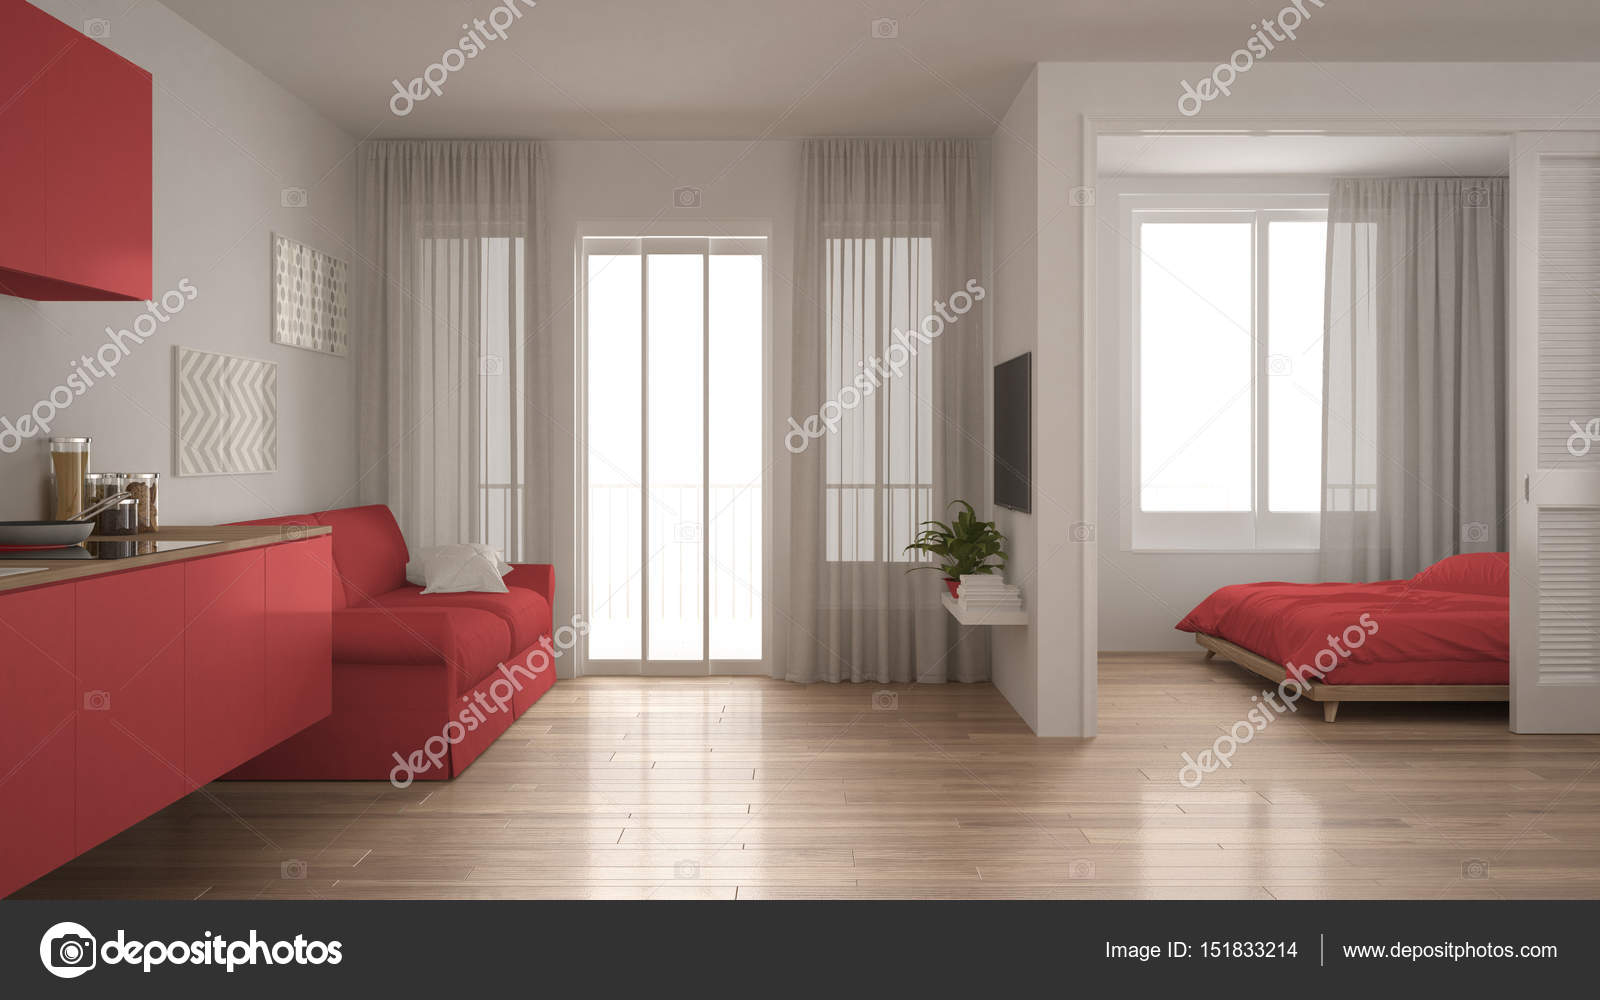 Kleine Wohnung Mit Küche, Wohnzimmer Und Schlafzimmer, Weiß Und U2014 Stockfoto